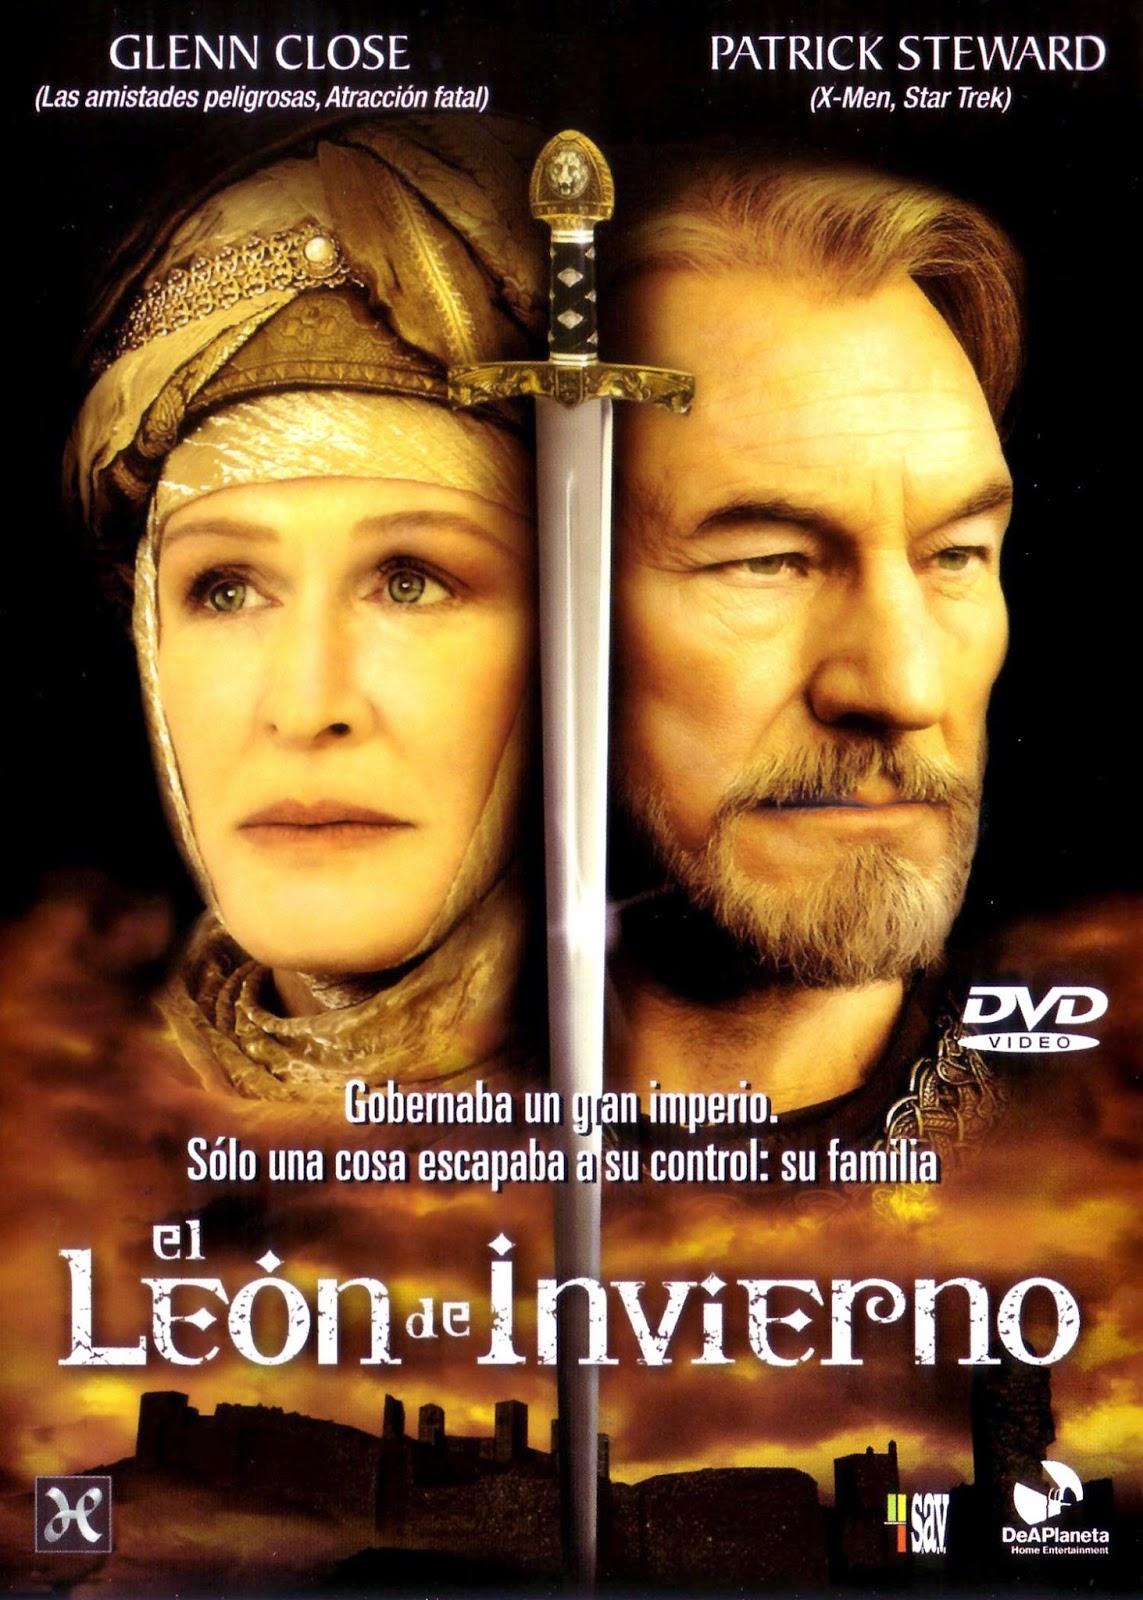 El león de invierno (2003) Drama